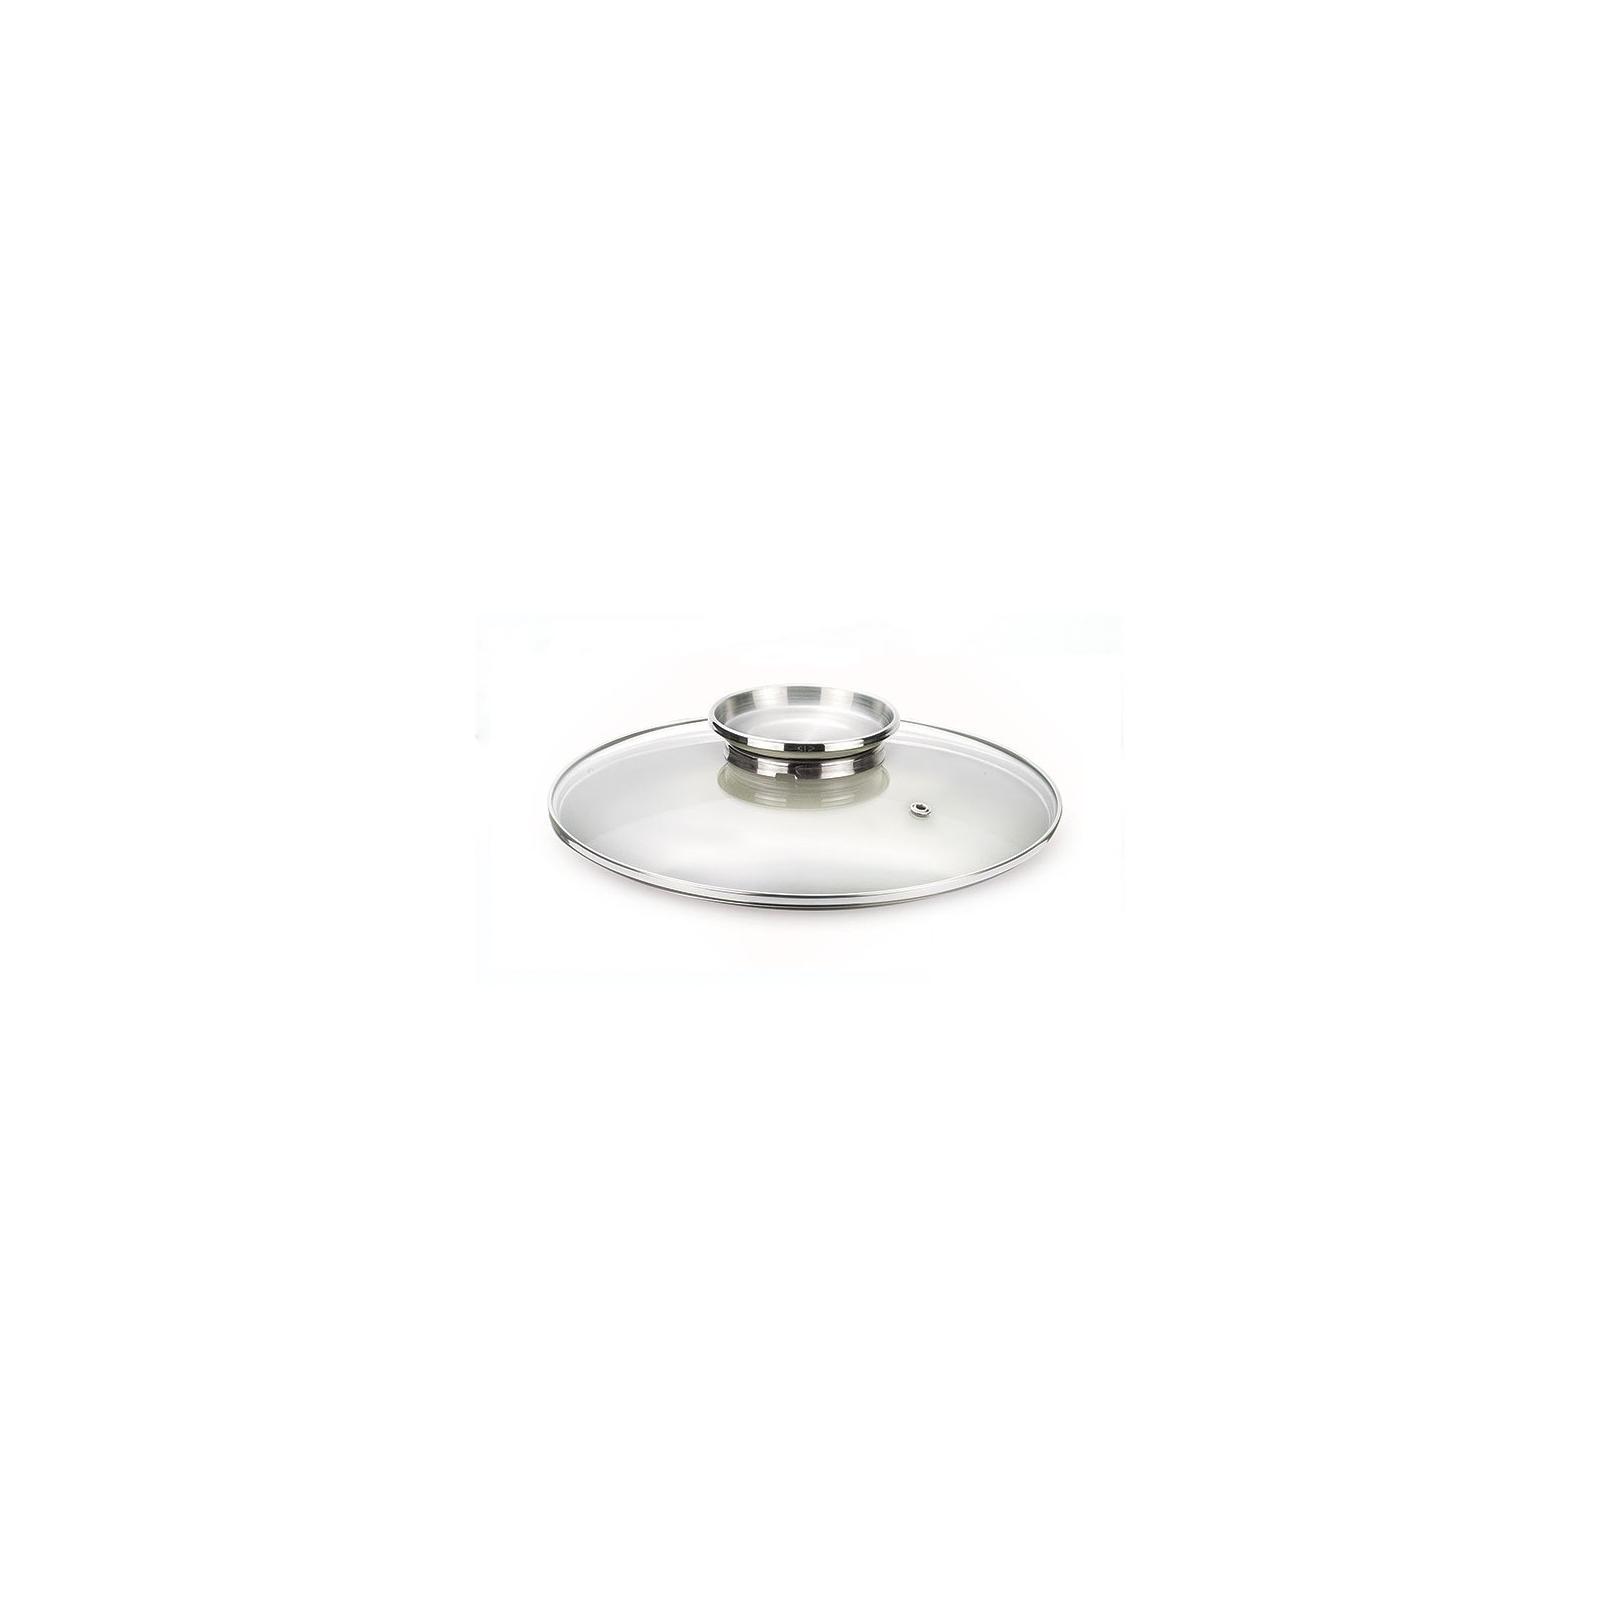 Крышка для посуды Pensofal Bioceramix 24 см (PEN9364)